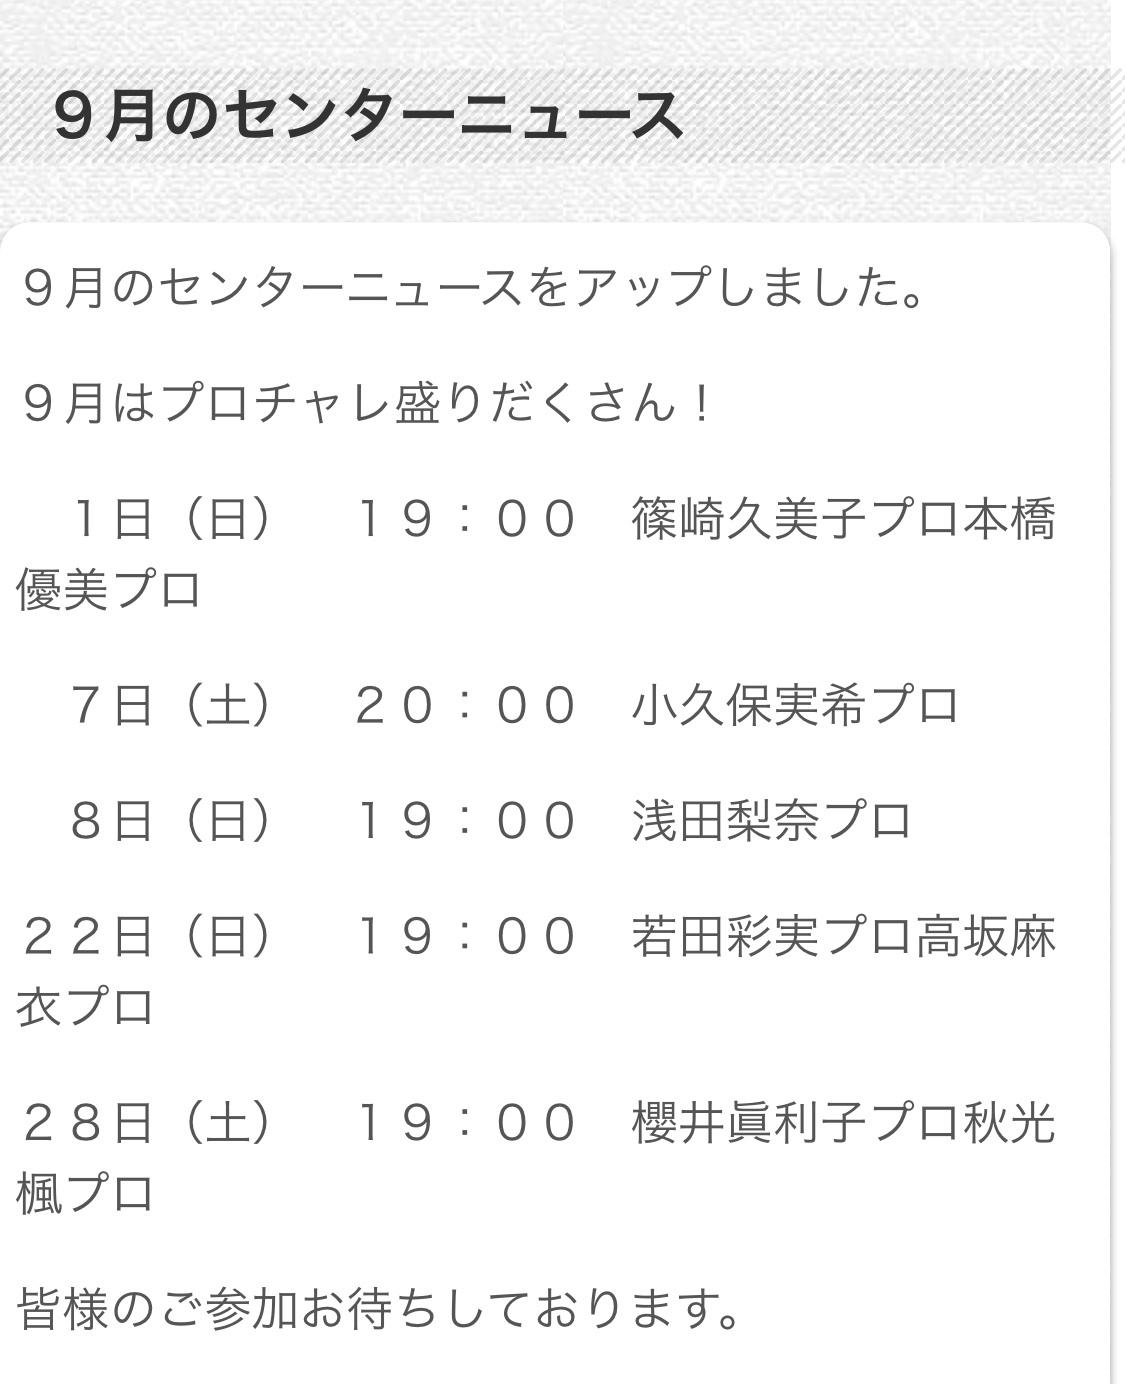 DD2C087D-B760-4243-978A-BB50E60D0604.jpeg